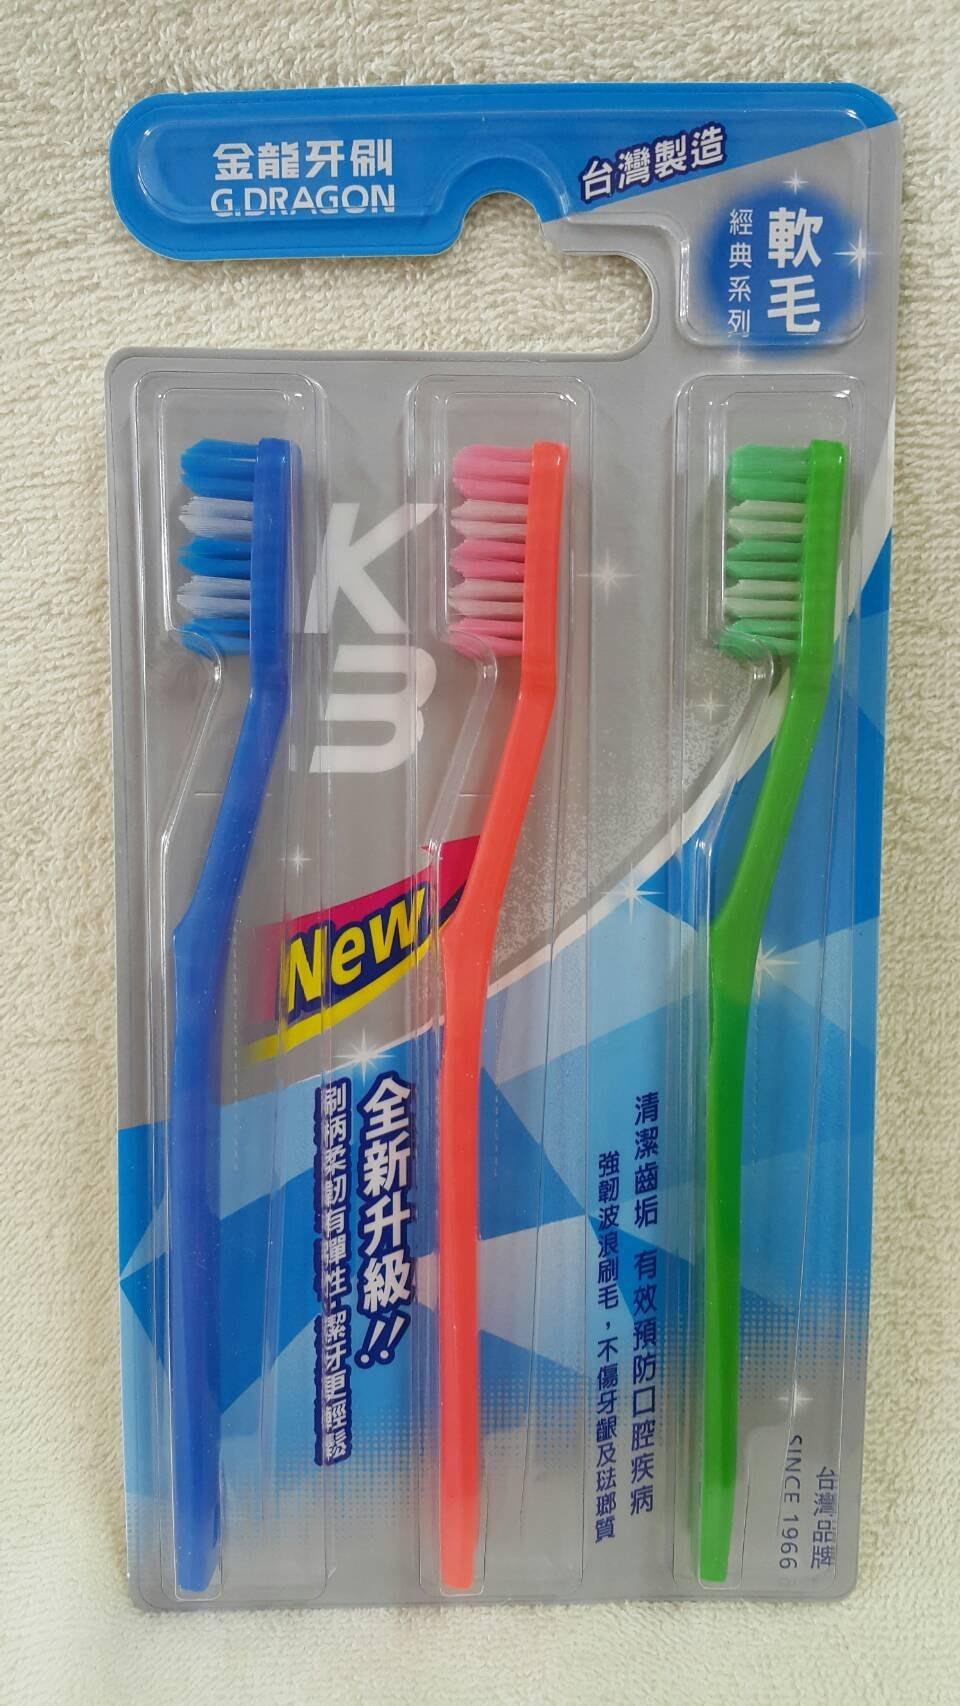 【金龍牙刷專家】金龍軟毛牙刷系列--型號K3 一卡3支裝 **免運費**12卡一組賣場